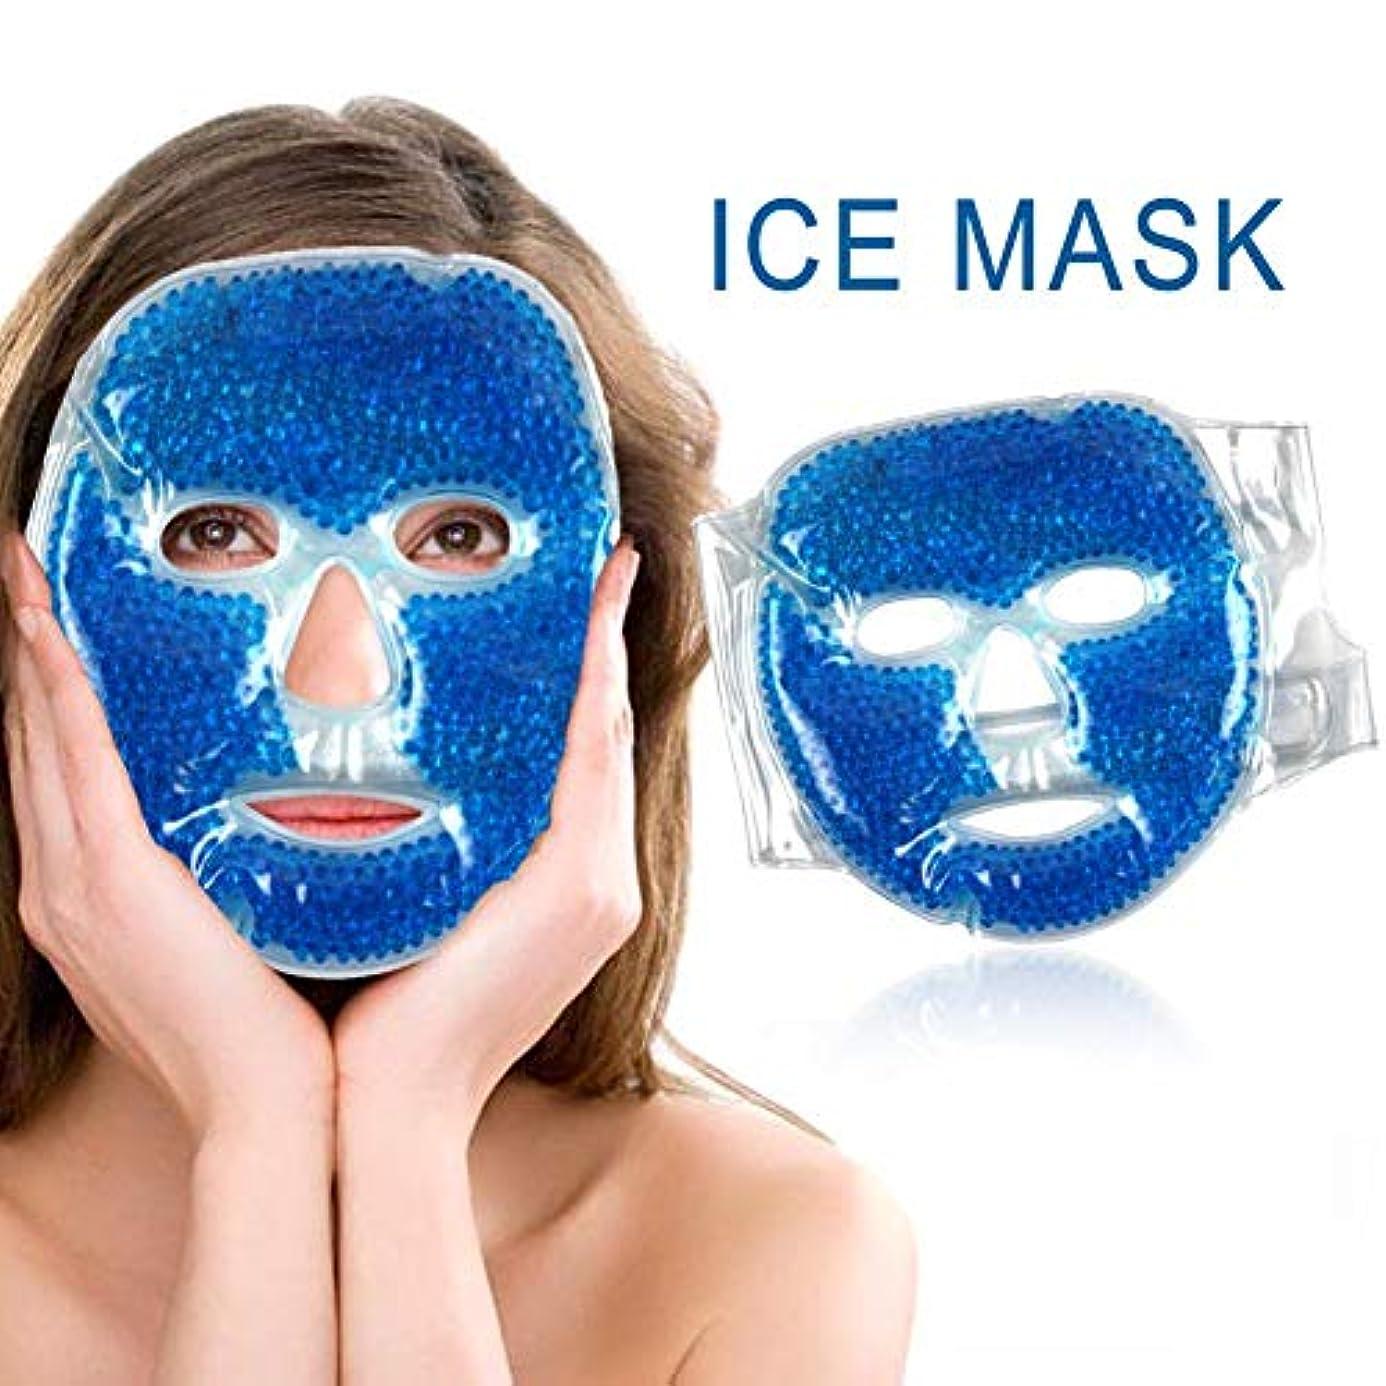 サーキットに行く植物のエミュレートするSILUN フェイスマスク 冷温兼用 アイスマスク 美容用 再利用可能 毛細血管収縮 疲労緩和 肌ケア 保湿 吸収しやすい 美容マッサージ